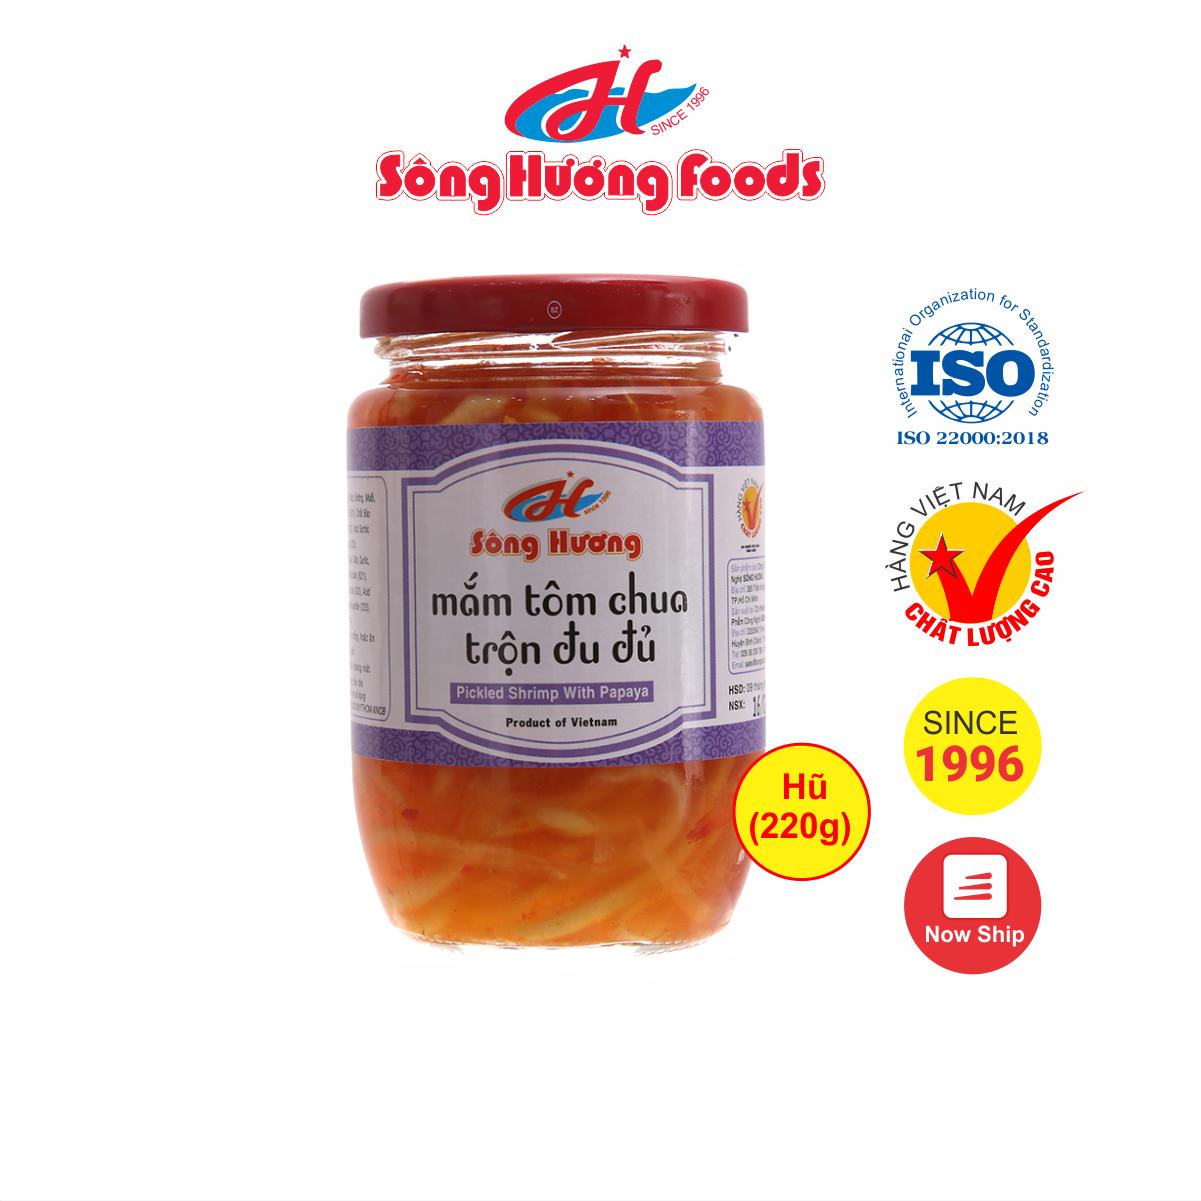 Mắm Tôm Chua Trộn Đu Đủ Sông Hương Foods Hũ 220g